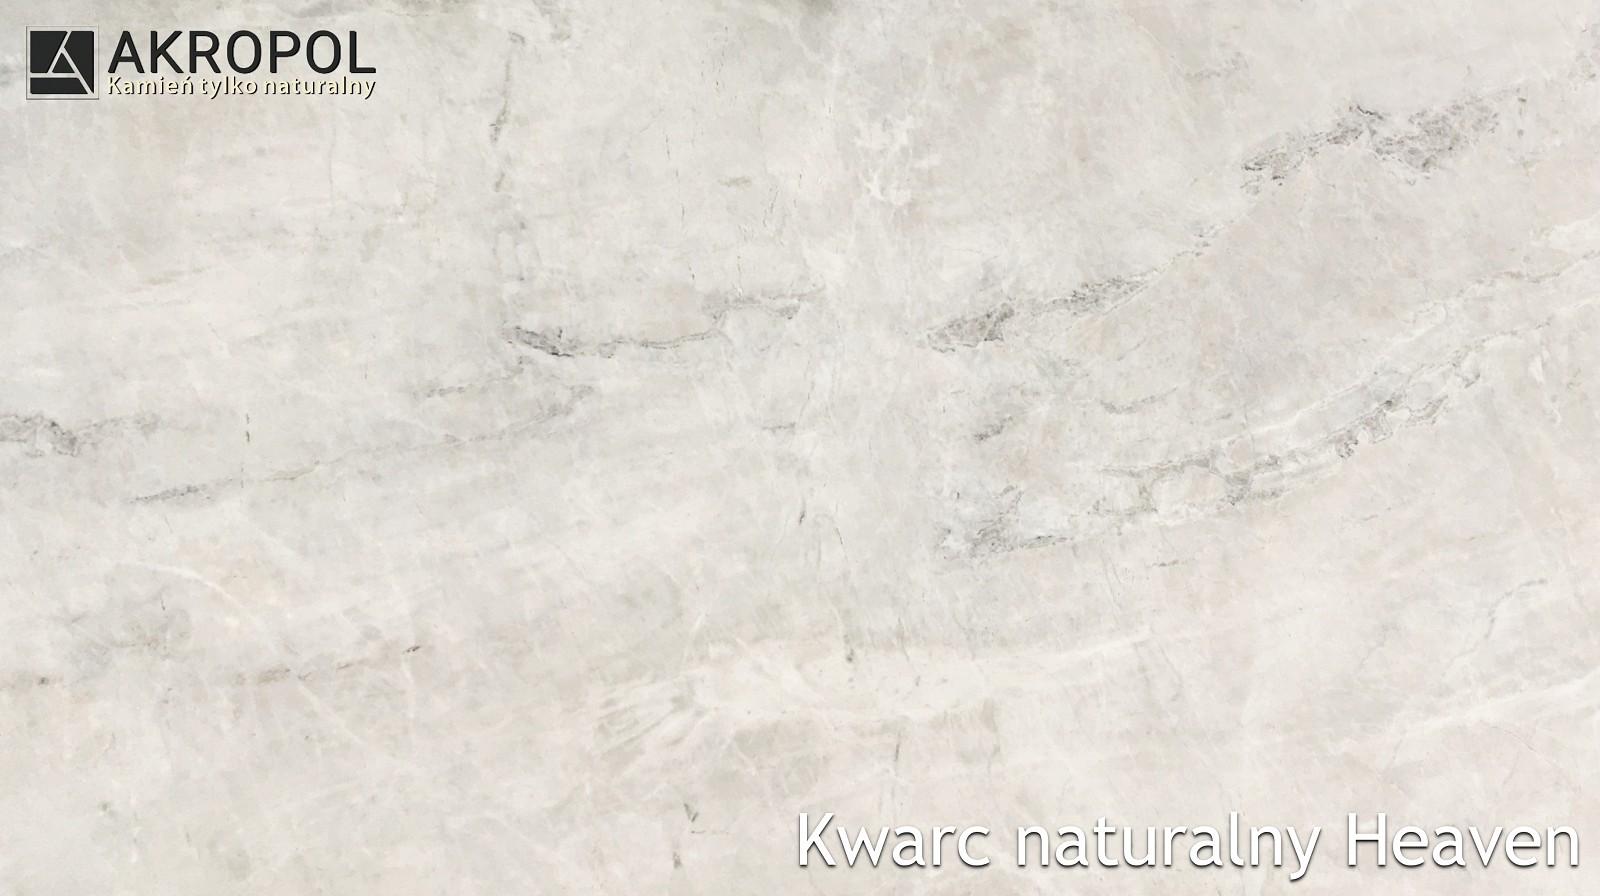 Kwarc Naturalny Heaven Czysty.jpg